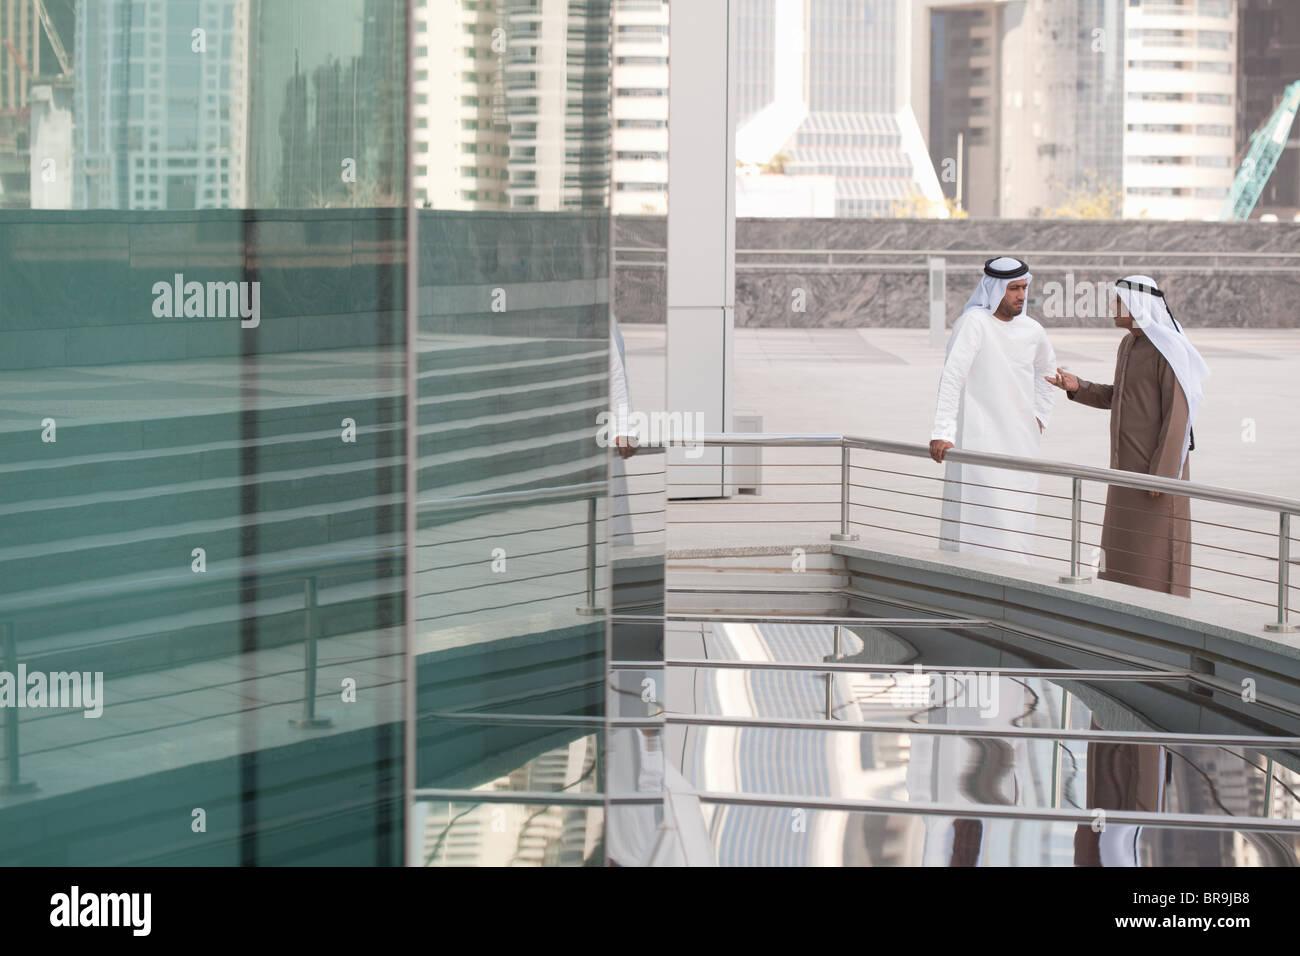 Nahen Osten Geschäftsleute von Bürogebäude Stockbild